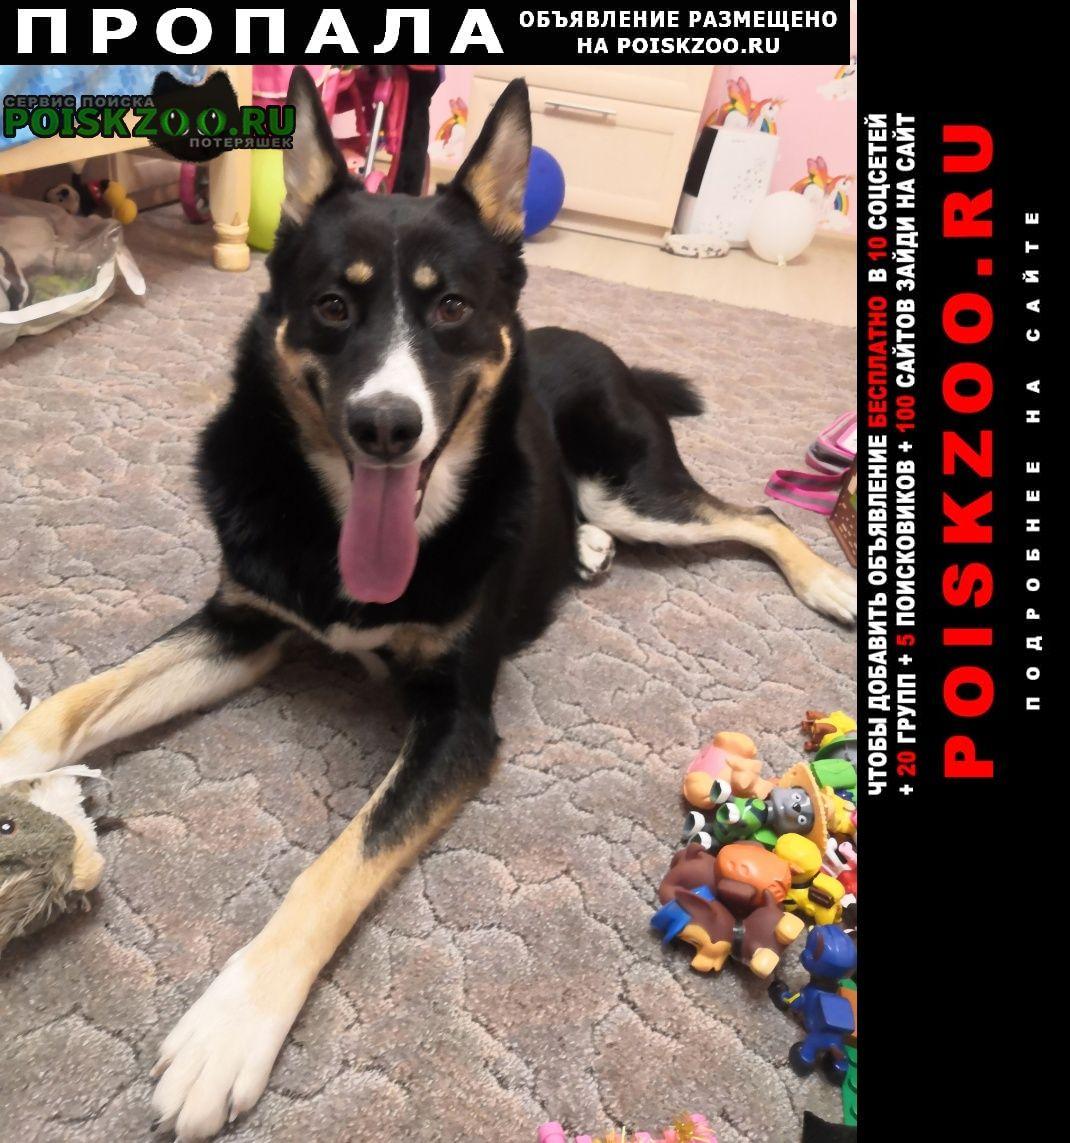 Пропала собака кобель южное бутово - щербинка Москва